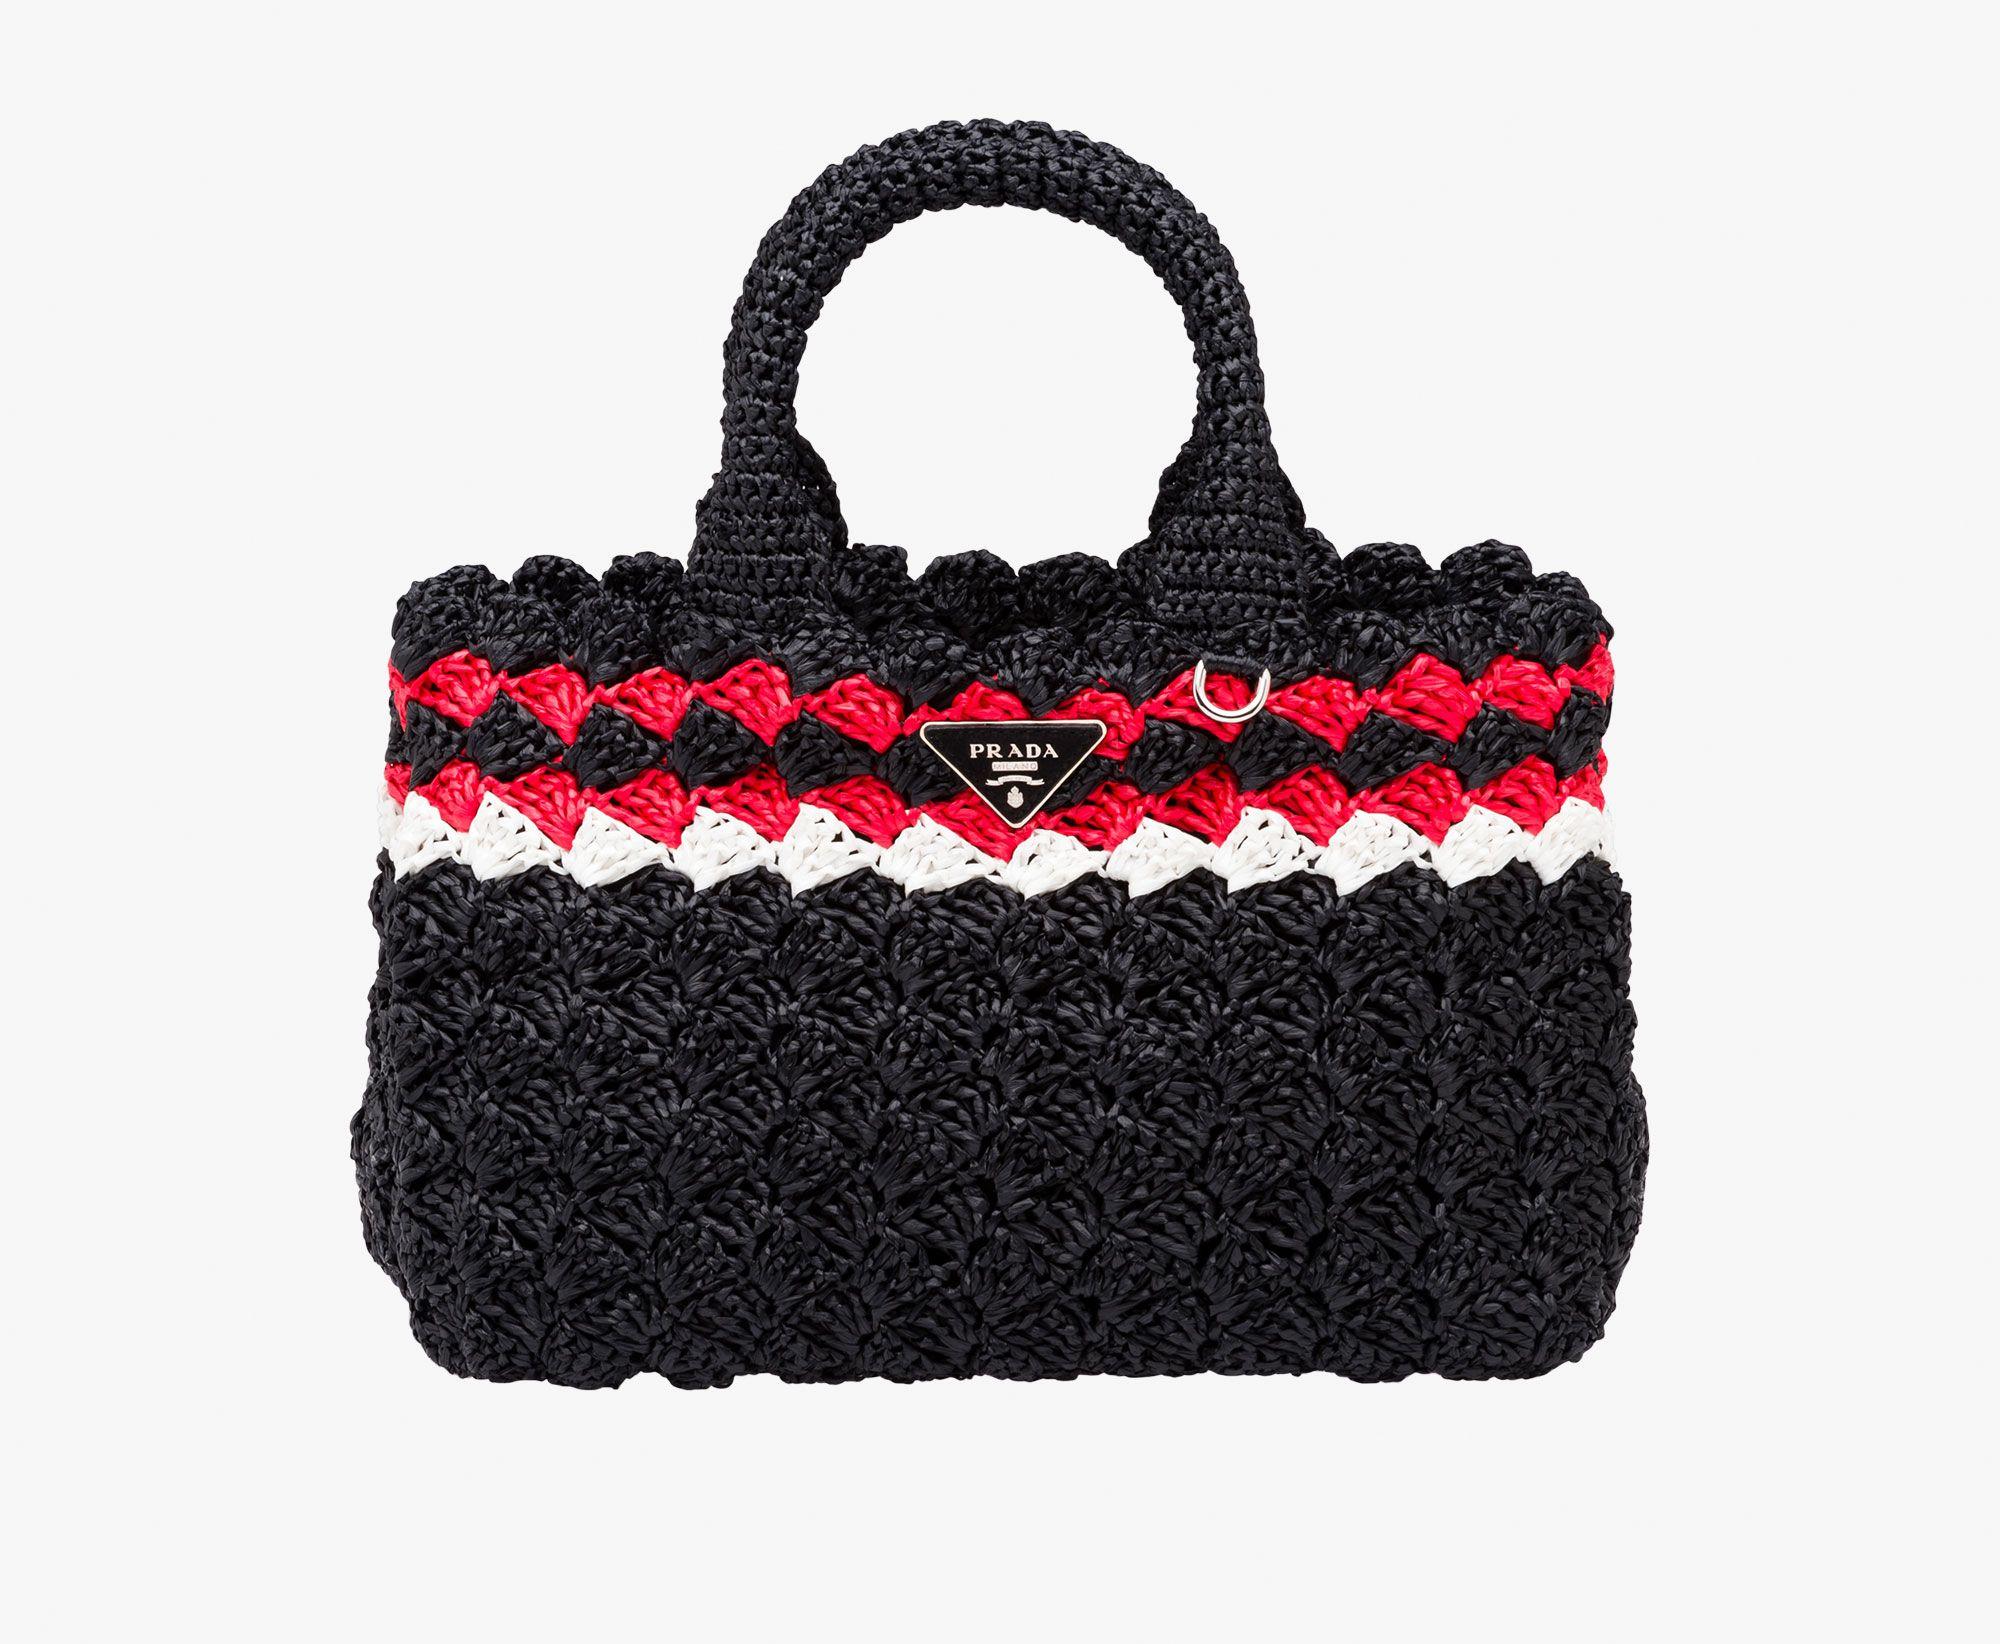 9497cdd694 Prada Raffia shopper | PRADA bags | Borse all'uncinetto, Borse, Prada